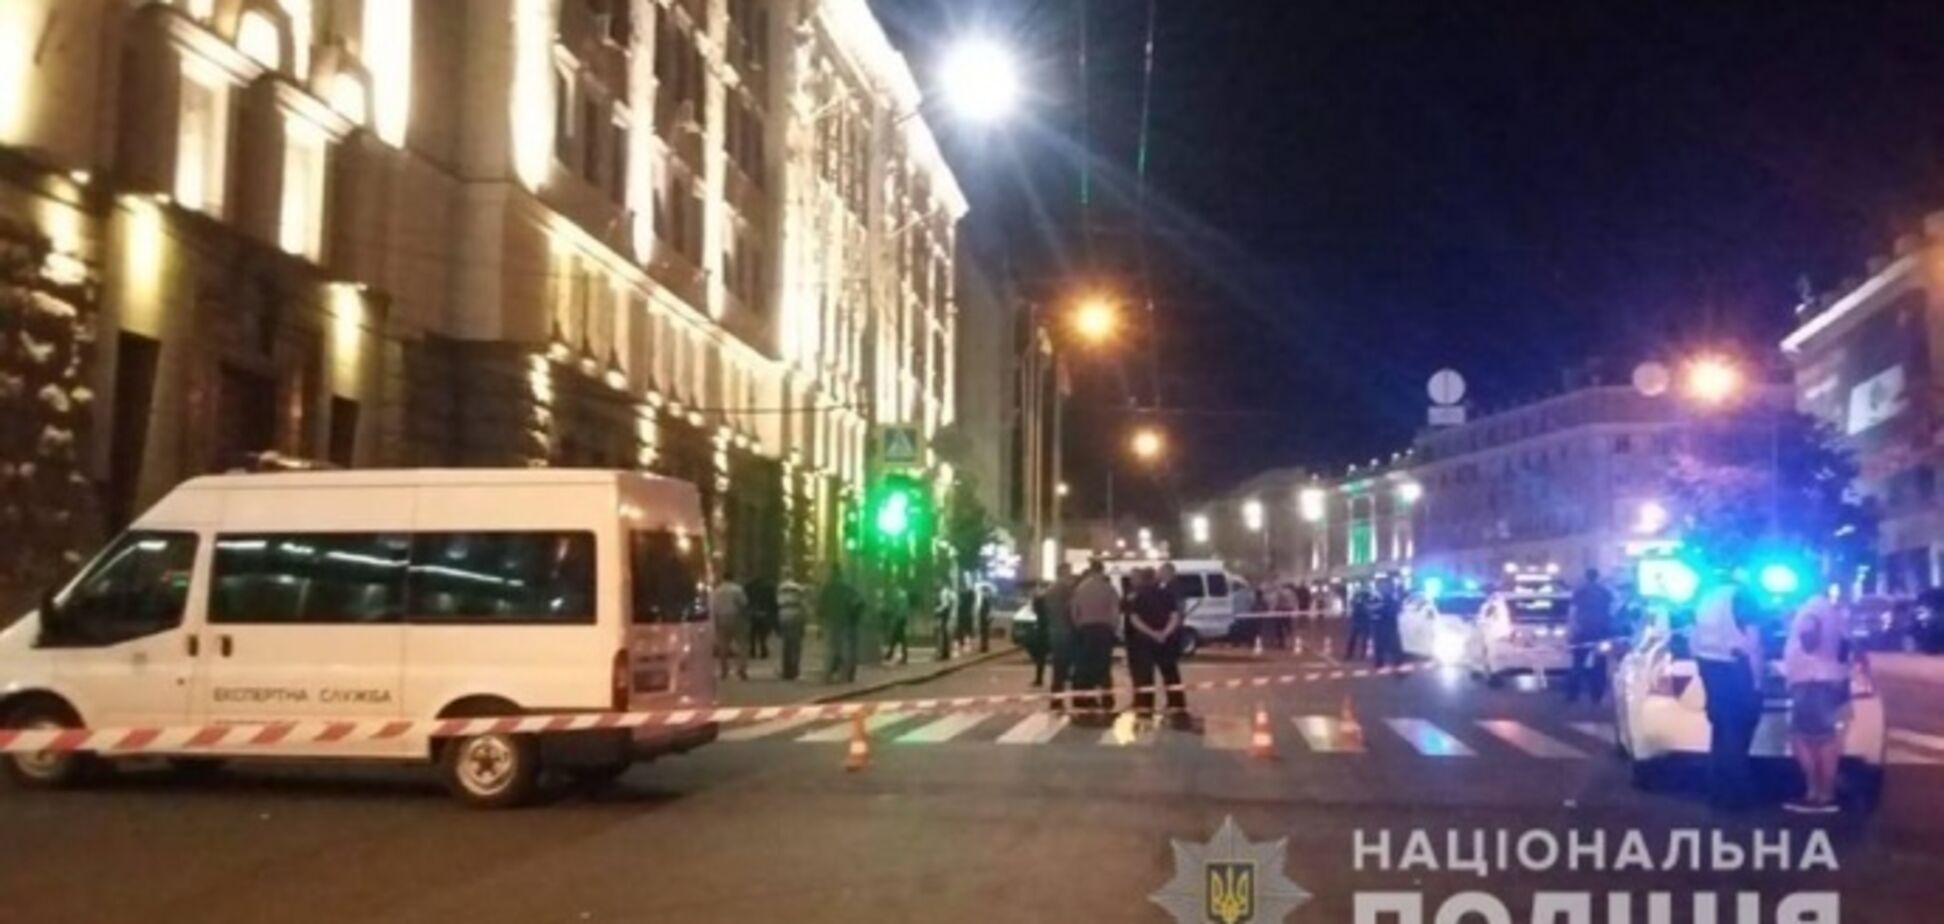 Випустив п'ять куль: очевидець розповів, з чого почалася перестрілка у Харкові